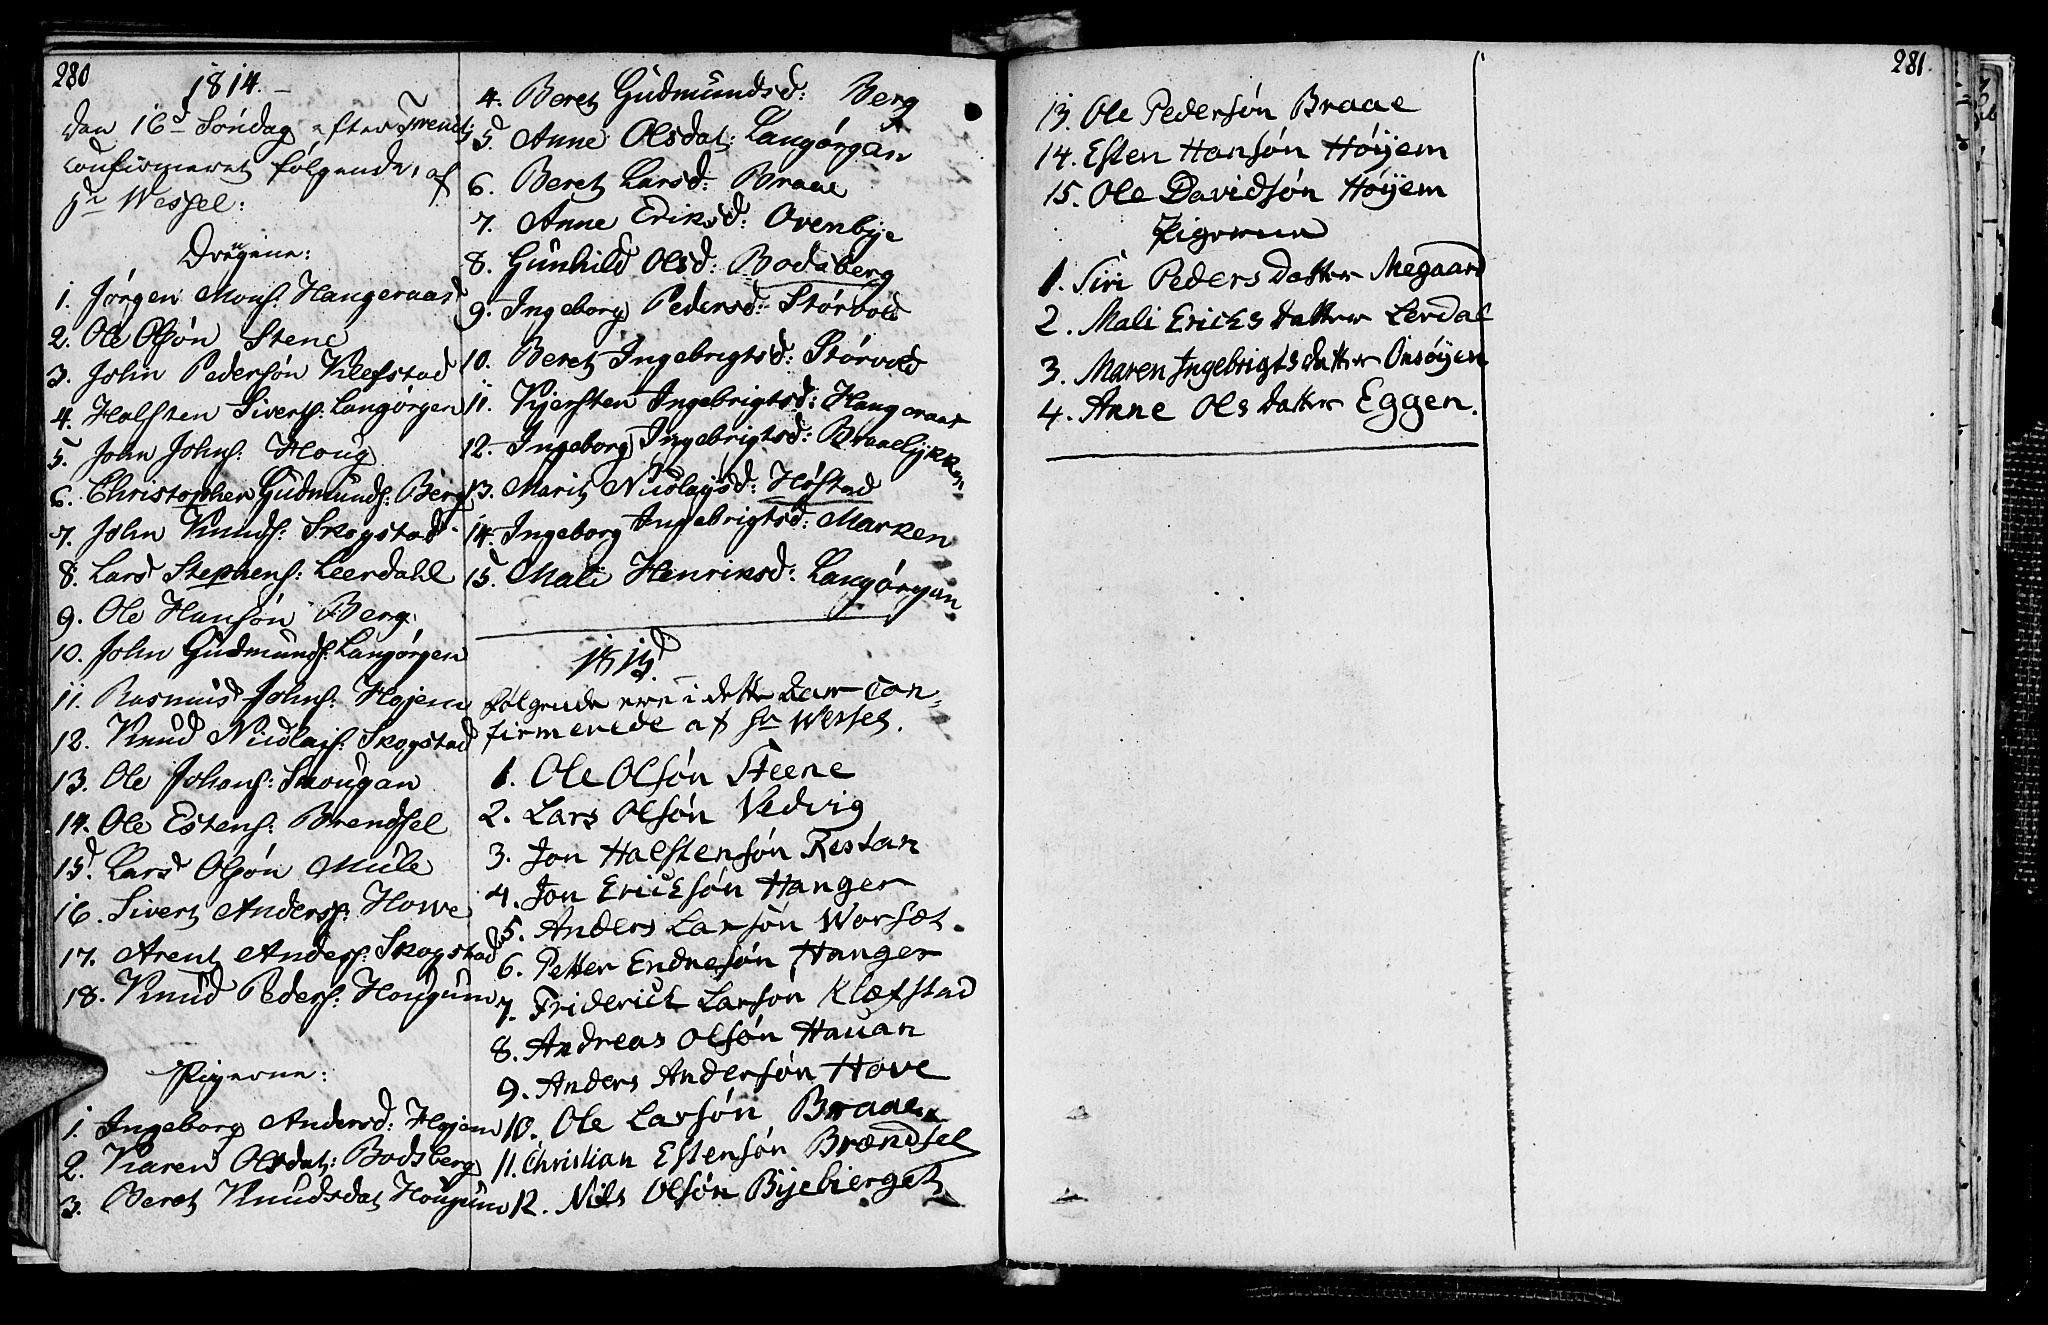 SAT, Ministerialprotokoller, klokkerbøker og fødselsregistre - Sør-Trøndelag, 612/L0371: Ministerialbok nr. 612A05, 1803-1816, s. 280-281